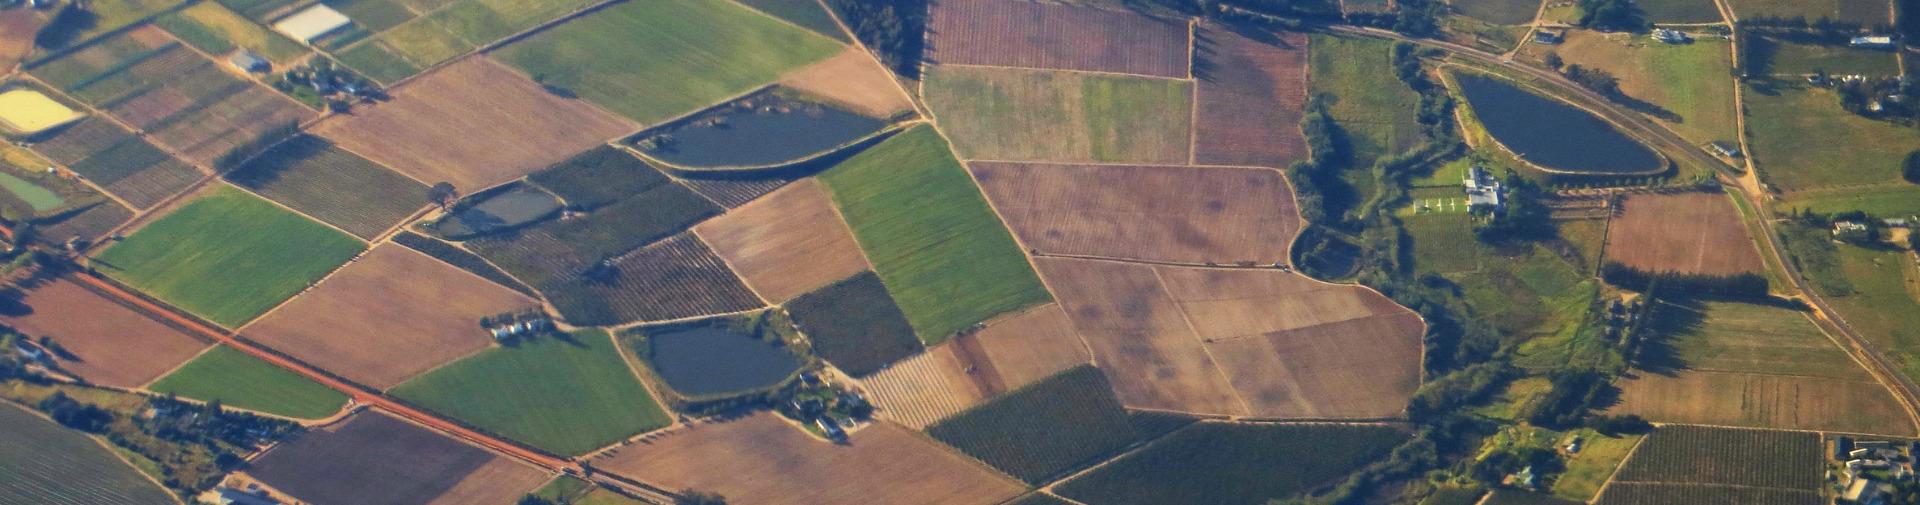 Contaminated Land Solicitors